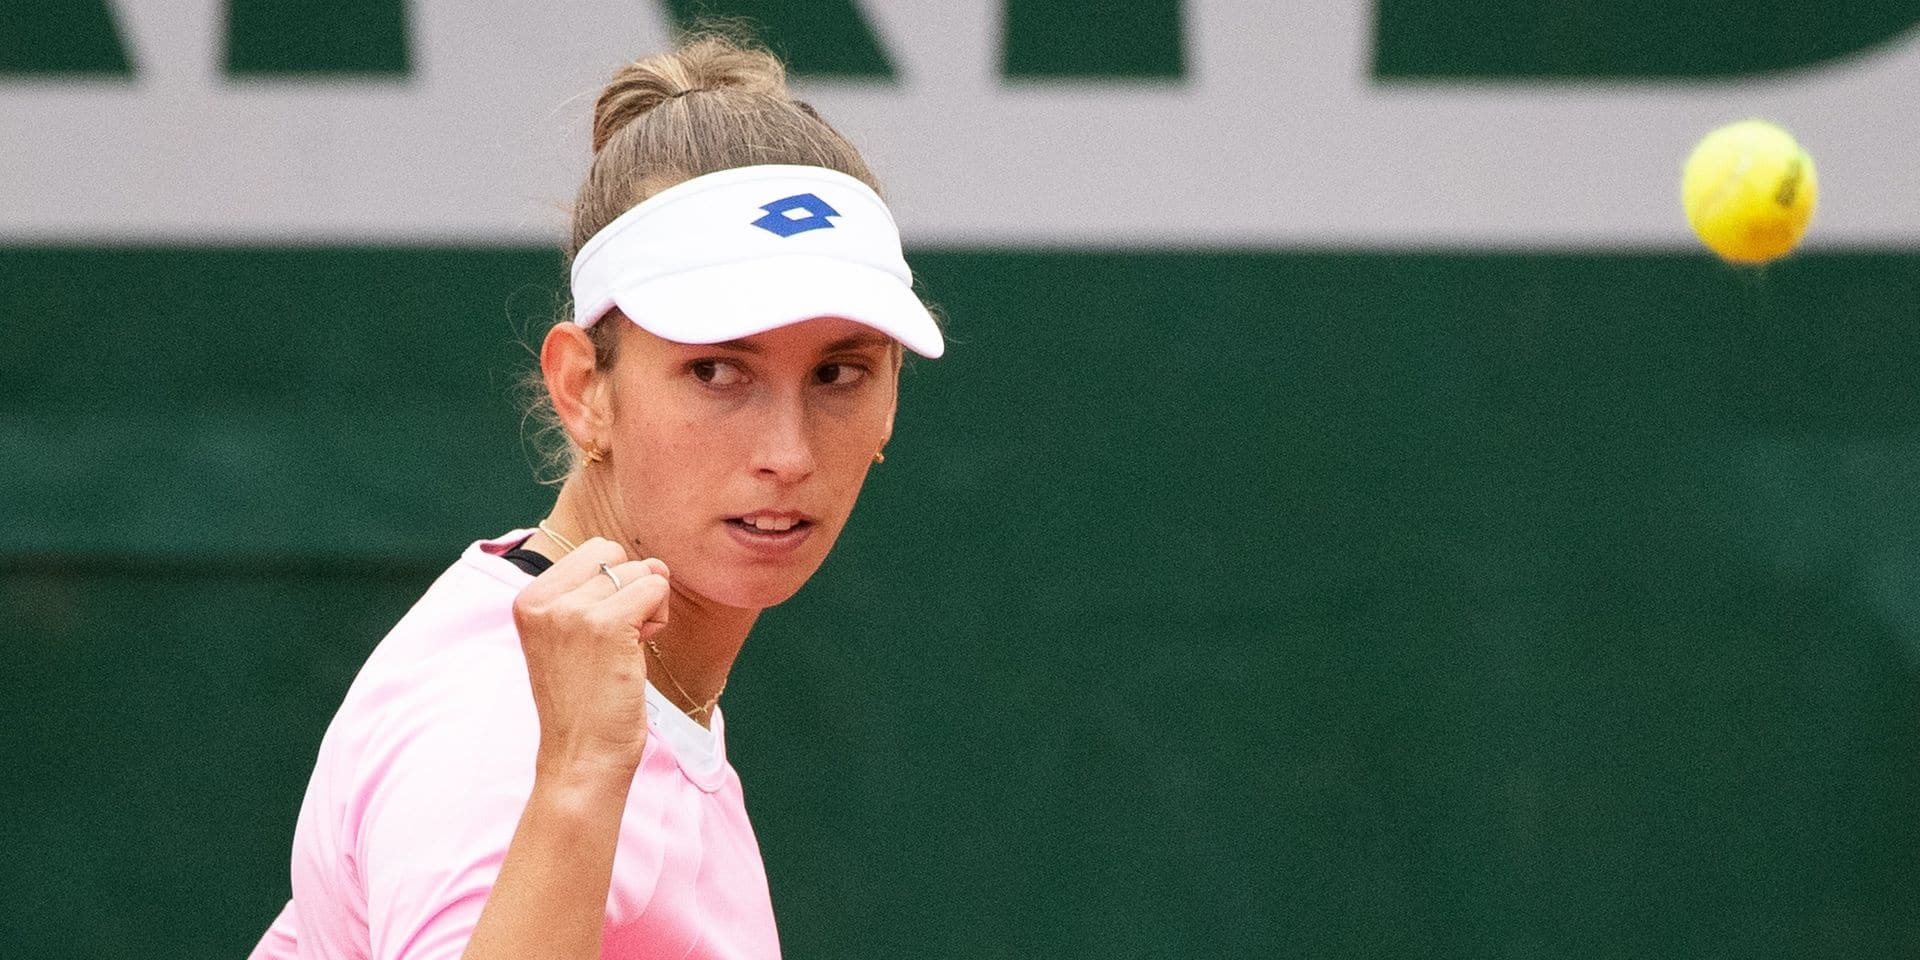 WTA Linz : Elise Mertens élimine Vera Zvonareva et rejoint les quarts de finale